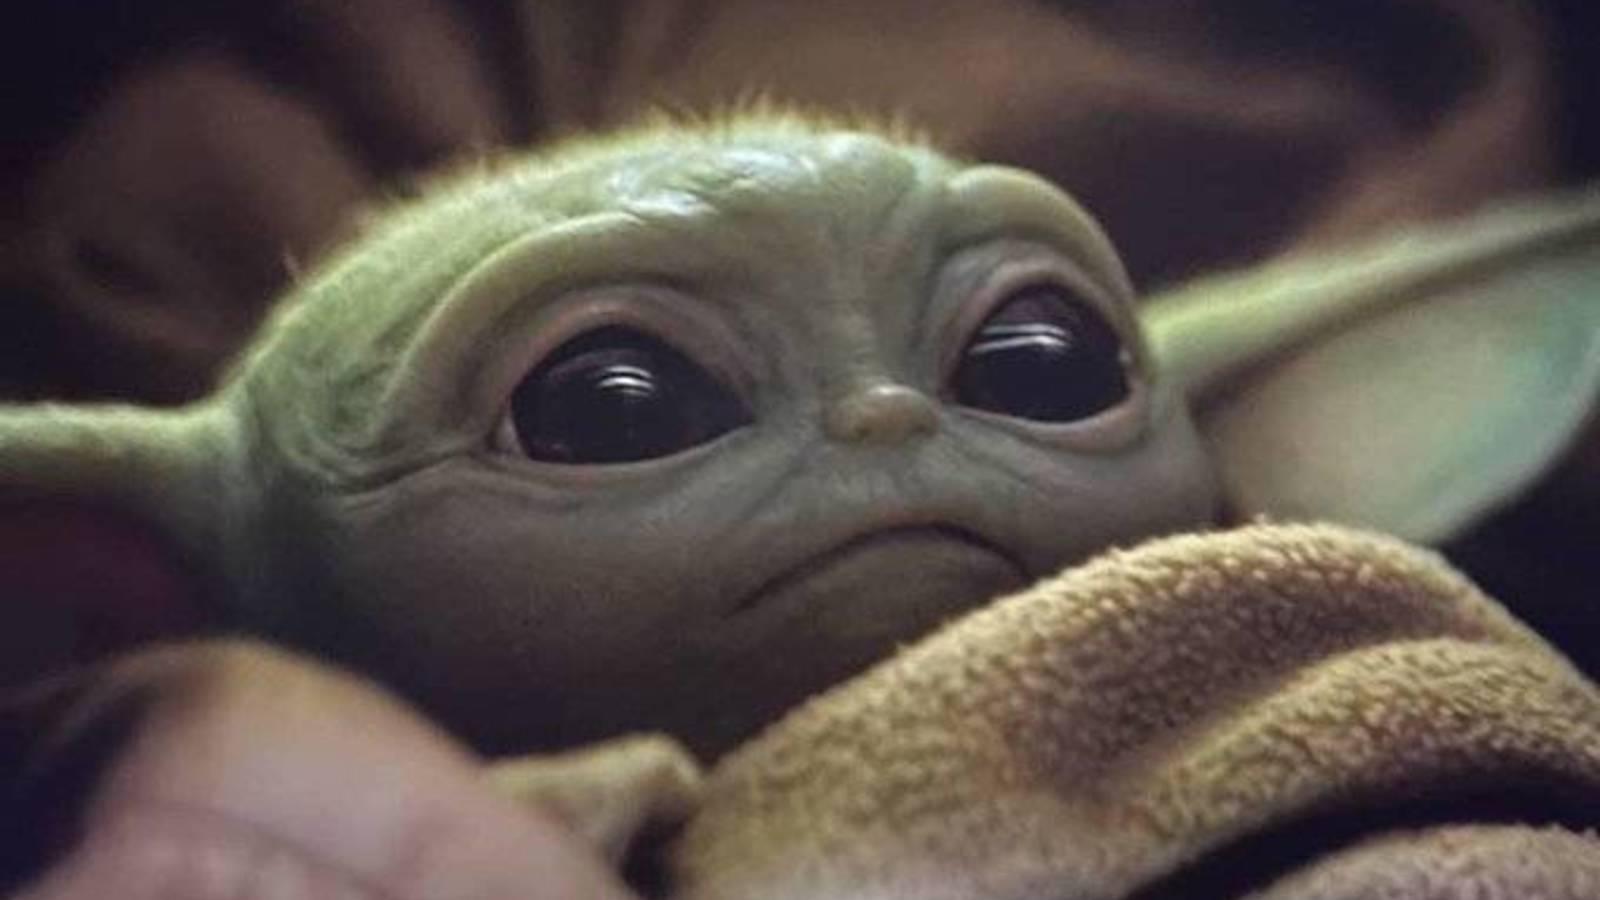 bebe Yoda The mandalorian